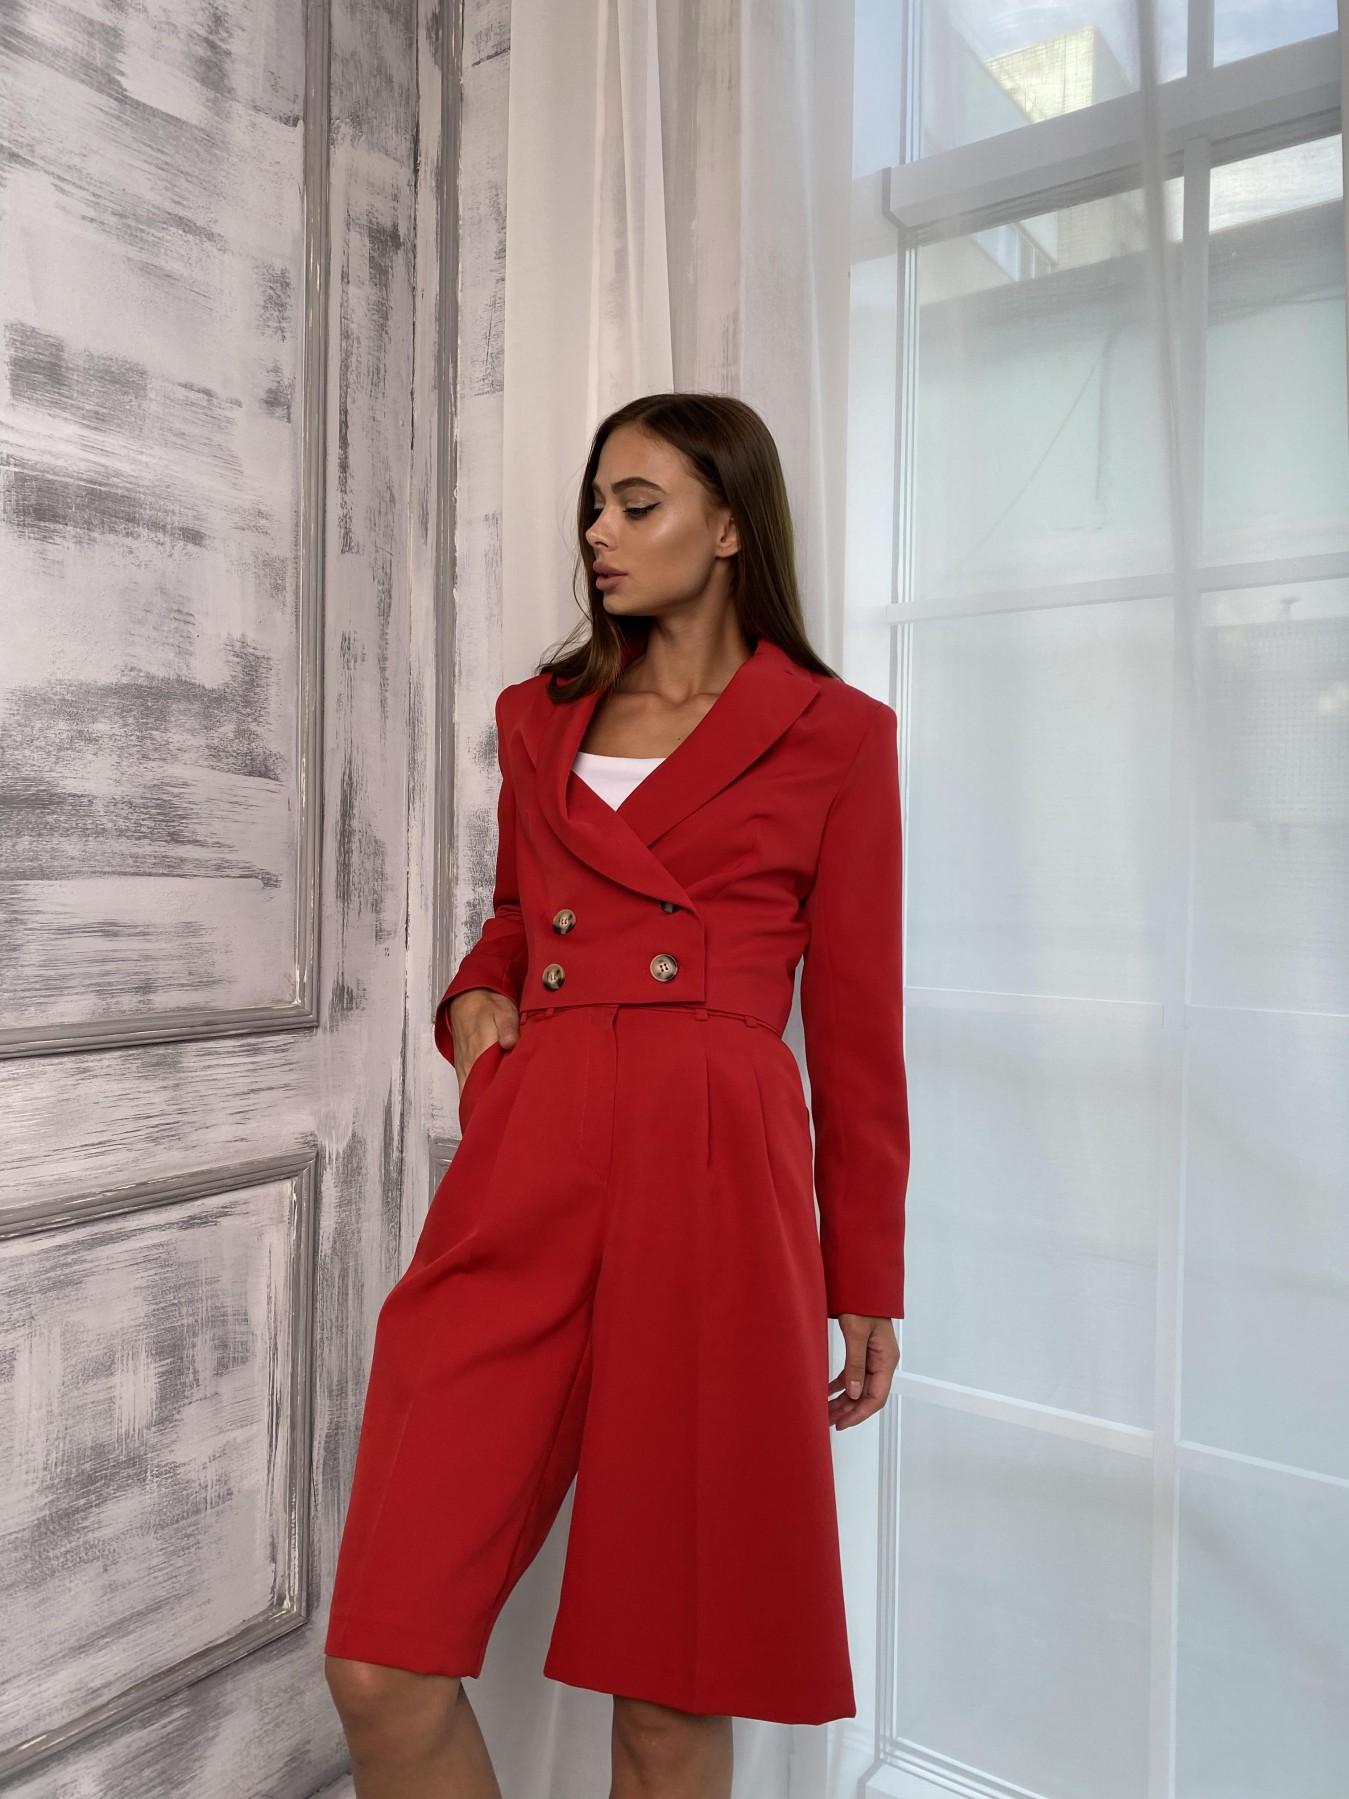 Оксфорд костюм из костюмной ткани стрейч 11548 АРТ. 48400 Цвет: Красный - фото 5, интернет магазин tm-modus.ru